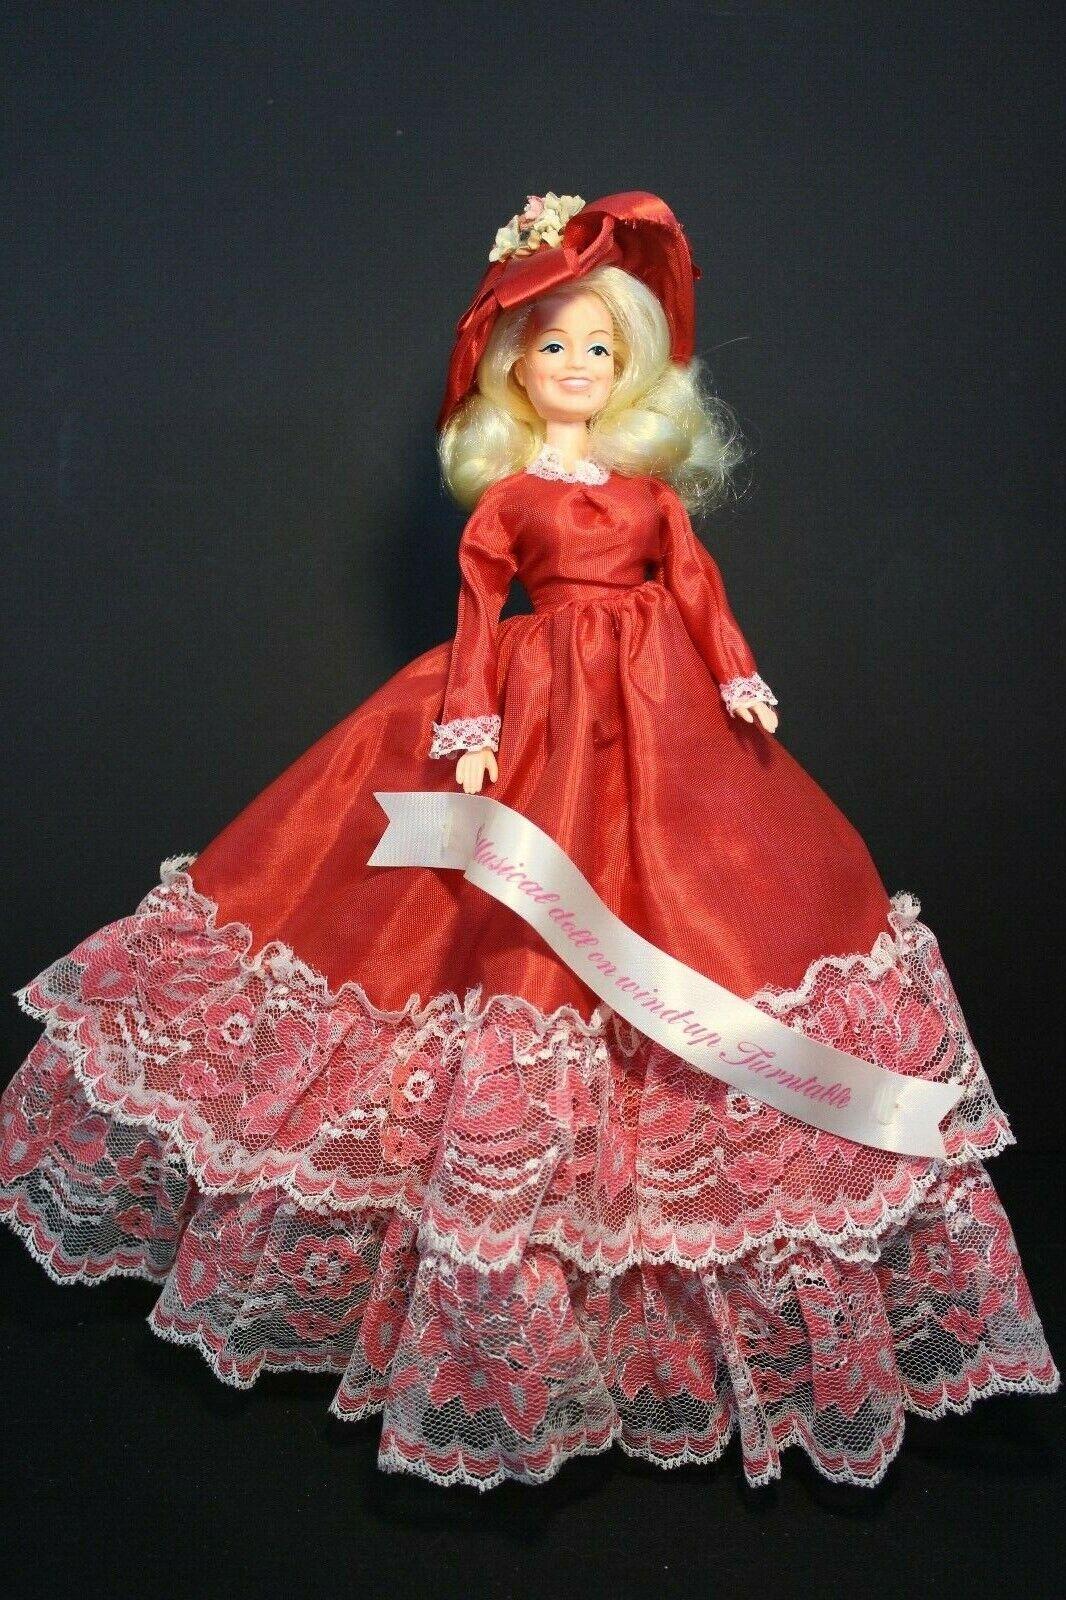 Eegee-Fiesta Dolly-Dolly Parton muñeca de moda en soporte musical & Banner Raro